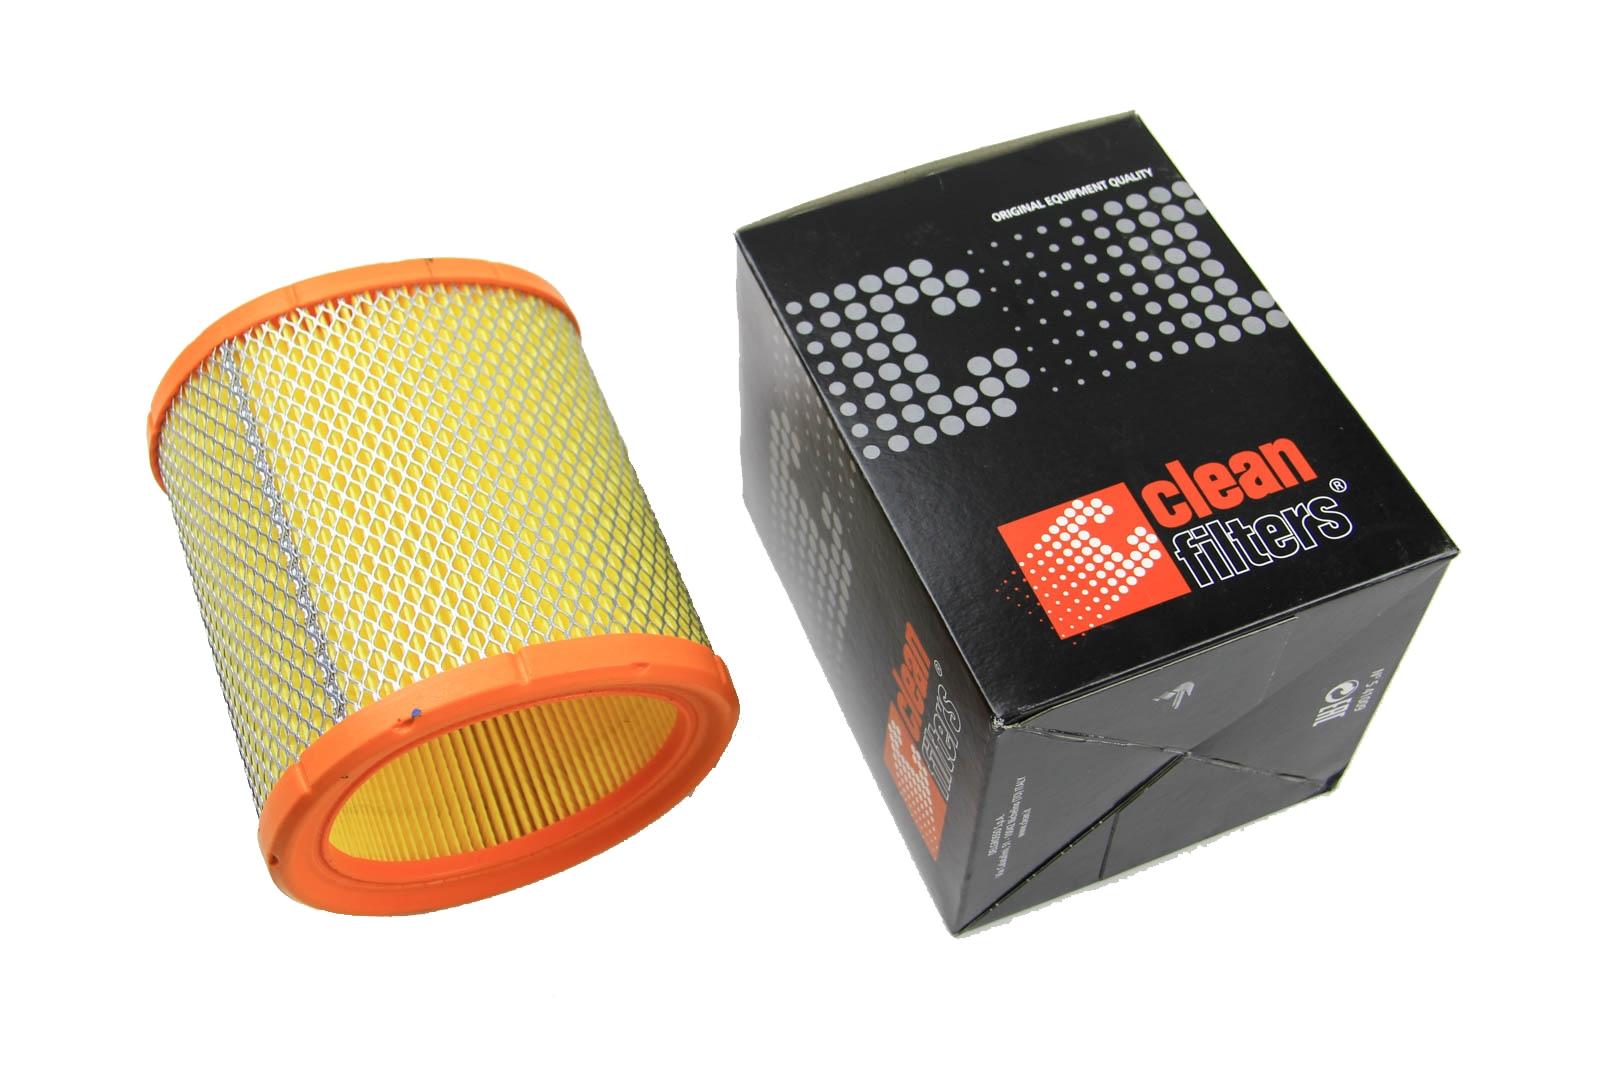 Фильтр воздушный MA440 Clean Filters